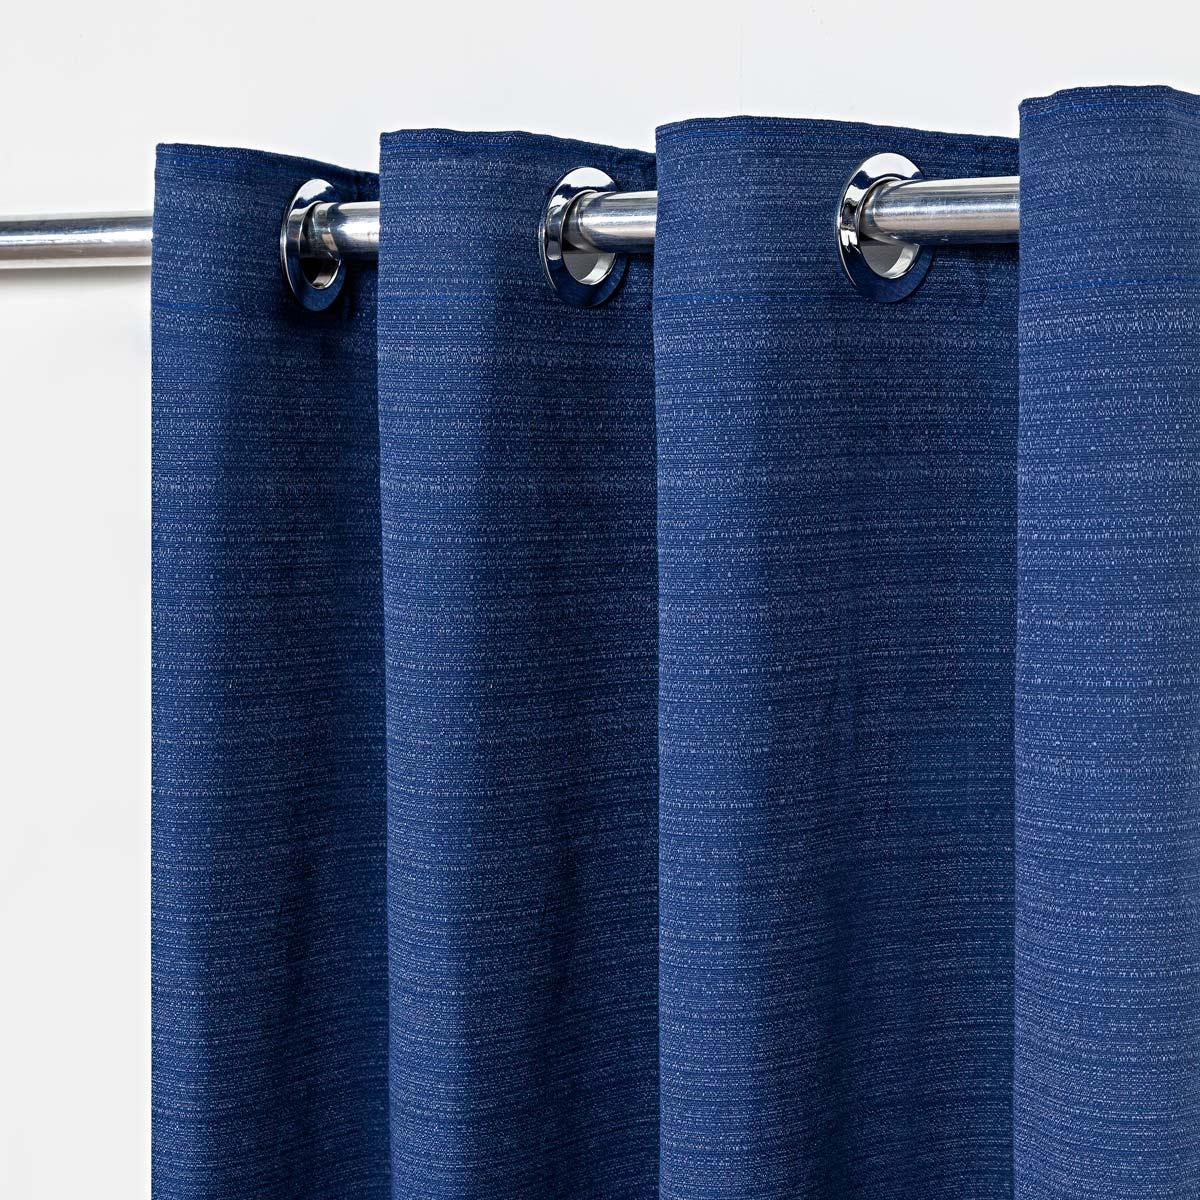 Cortina Rústica Texturizada Azul Marinho 2,80m X 1,60m p/ Varão simples de até 2,00m